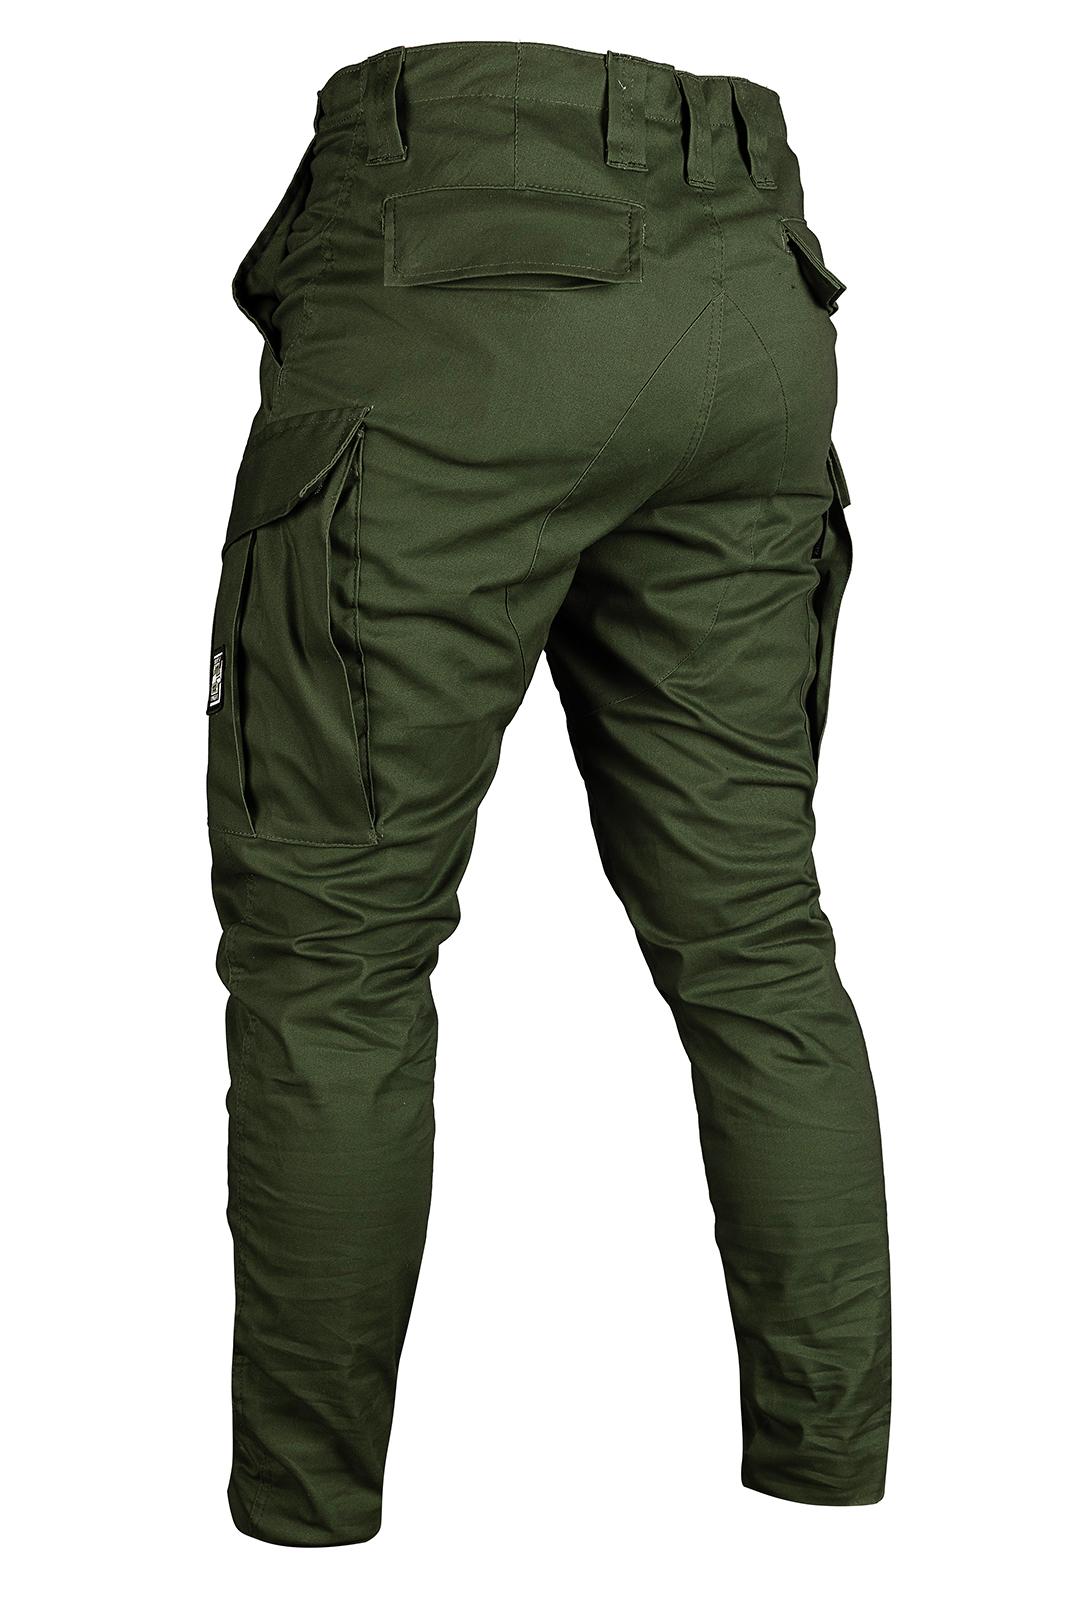 Карго брюки 2.0 Bomberss с бомбой на шевроне купить в интеренет-магазине с доставкой за 5999р Варгградъ